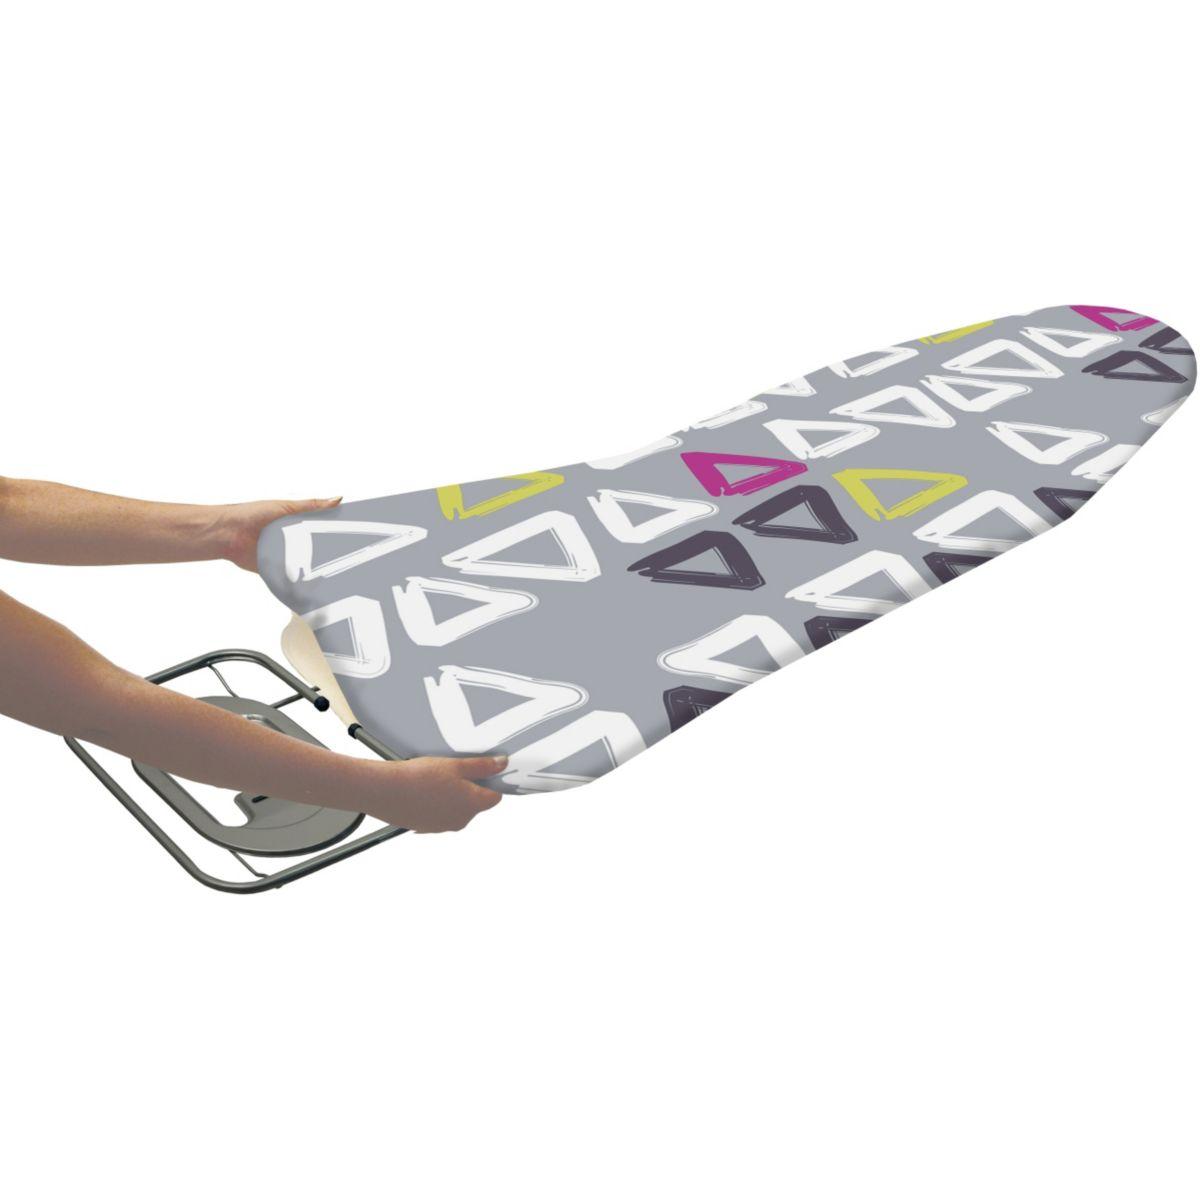 Housse sc elasticoton taille uni - produit coup de coeur webdistrib.com ! (photo)